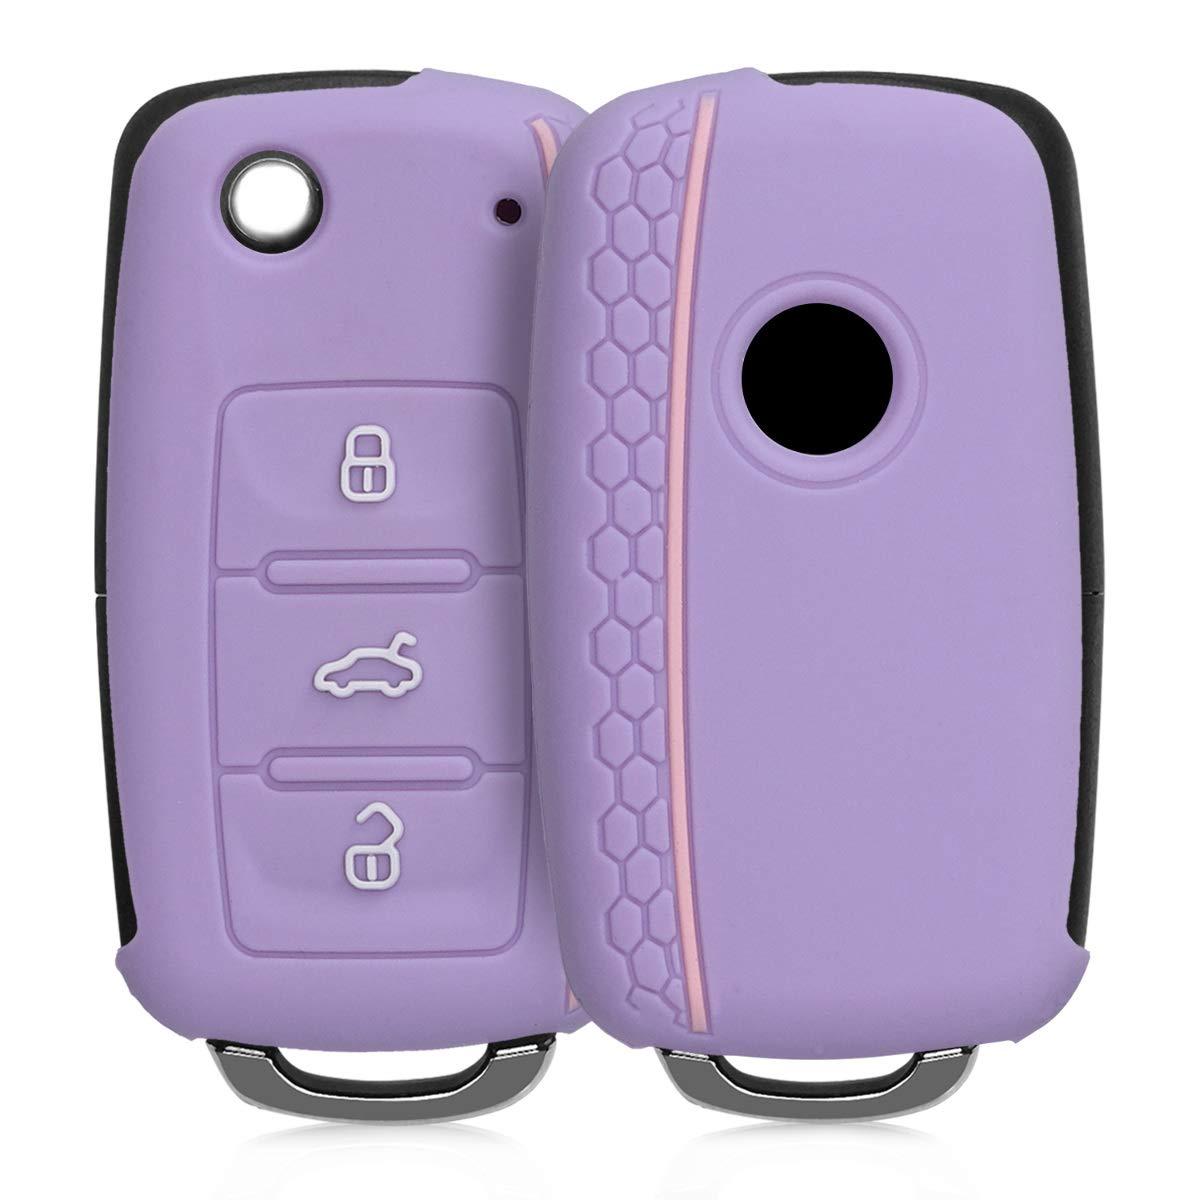 /Étui de Protection Souple Coque pour Clef de Voiture VW Skoda Seat 3-Bouton en Silicone Bleu kwmobile Accessoire cl/é de Voiture pour VW Skoda Seat